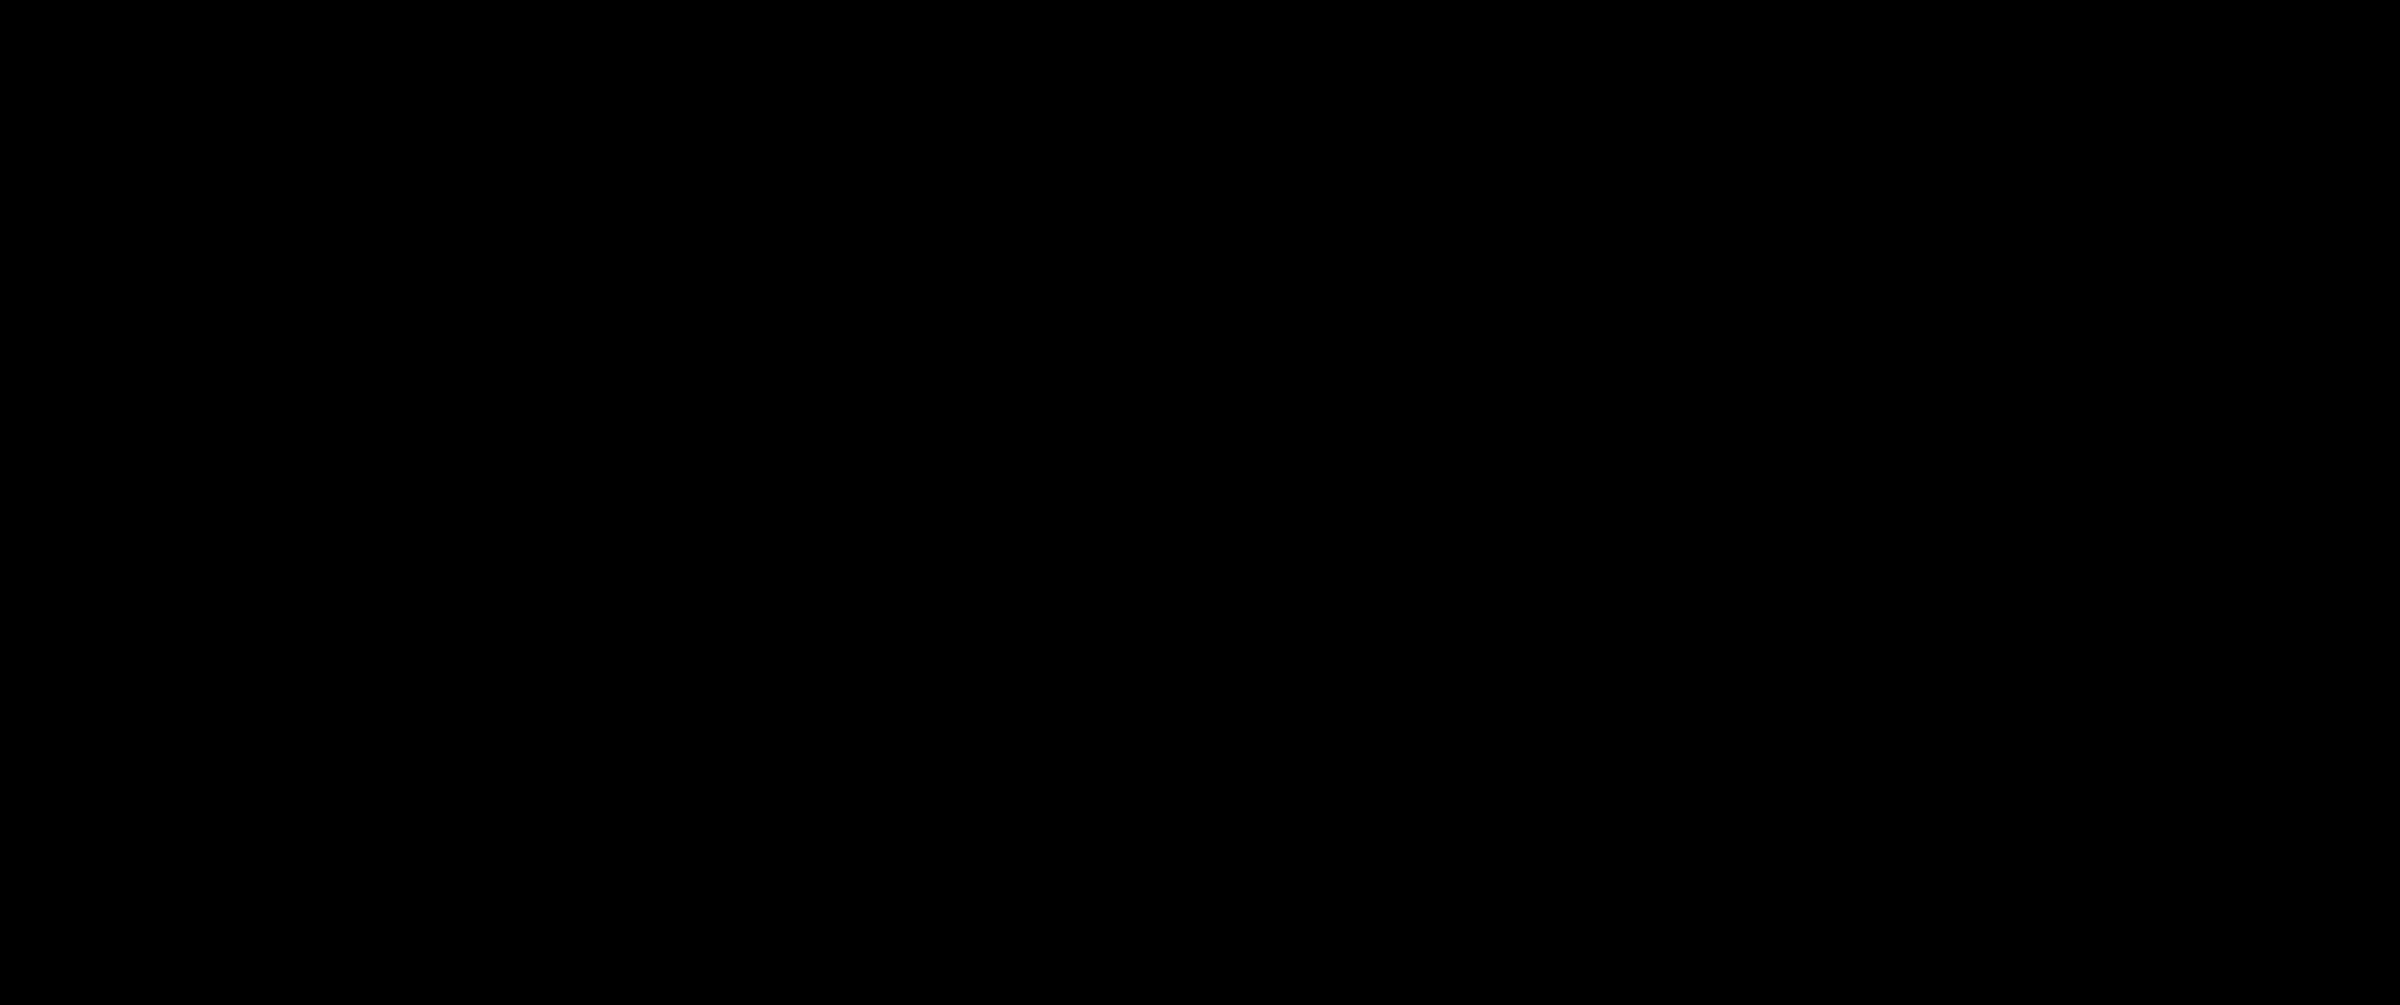 Becel Logo PNG Transparent & SVG Vector.